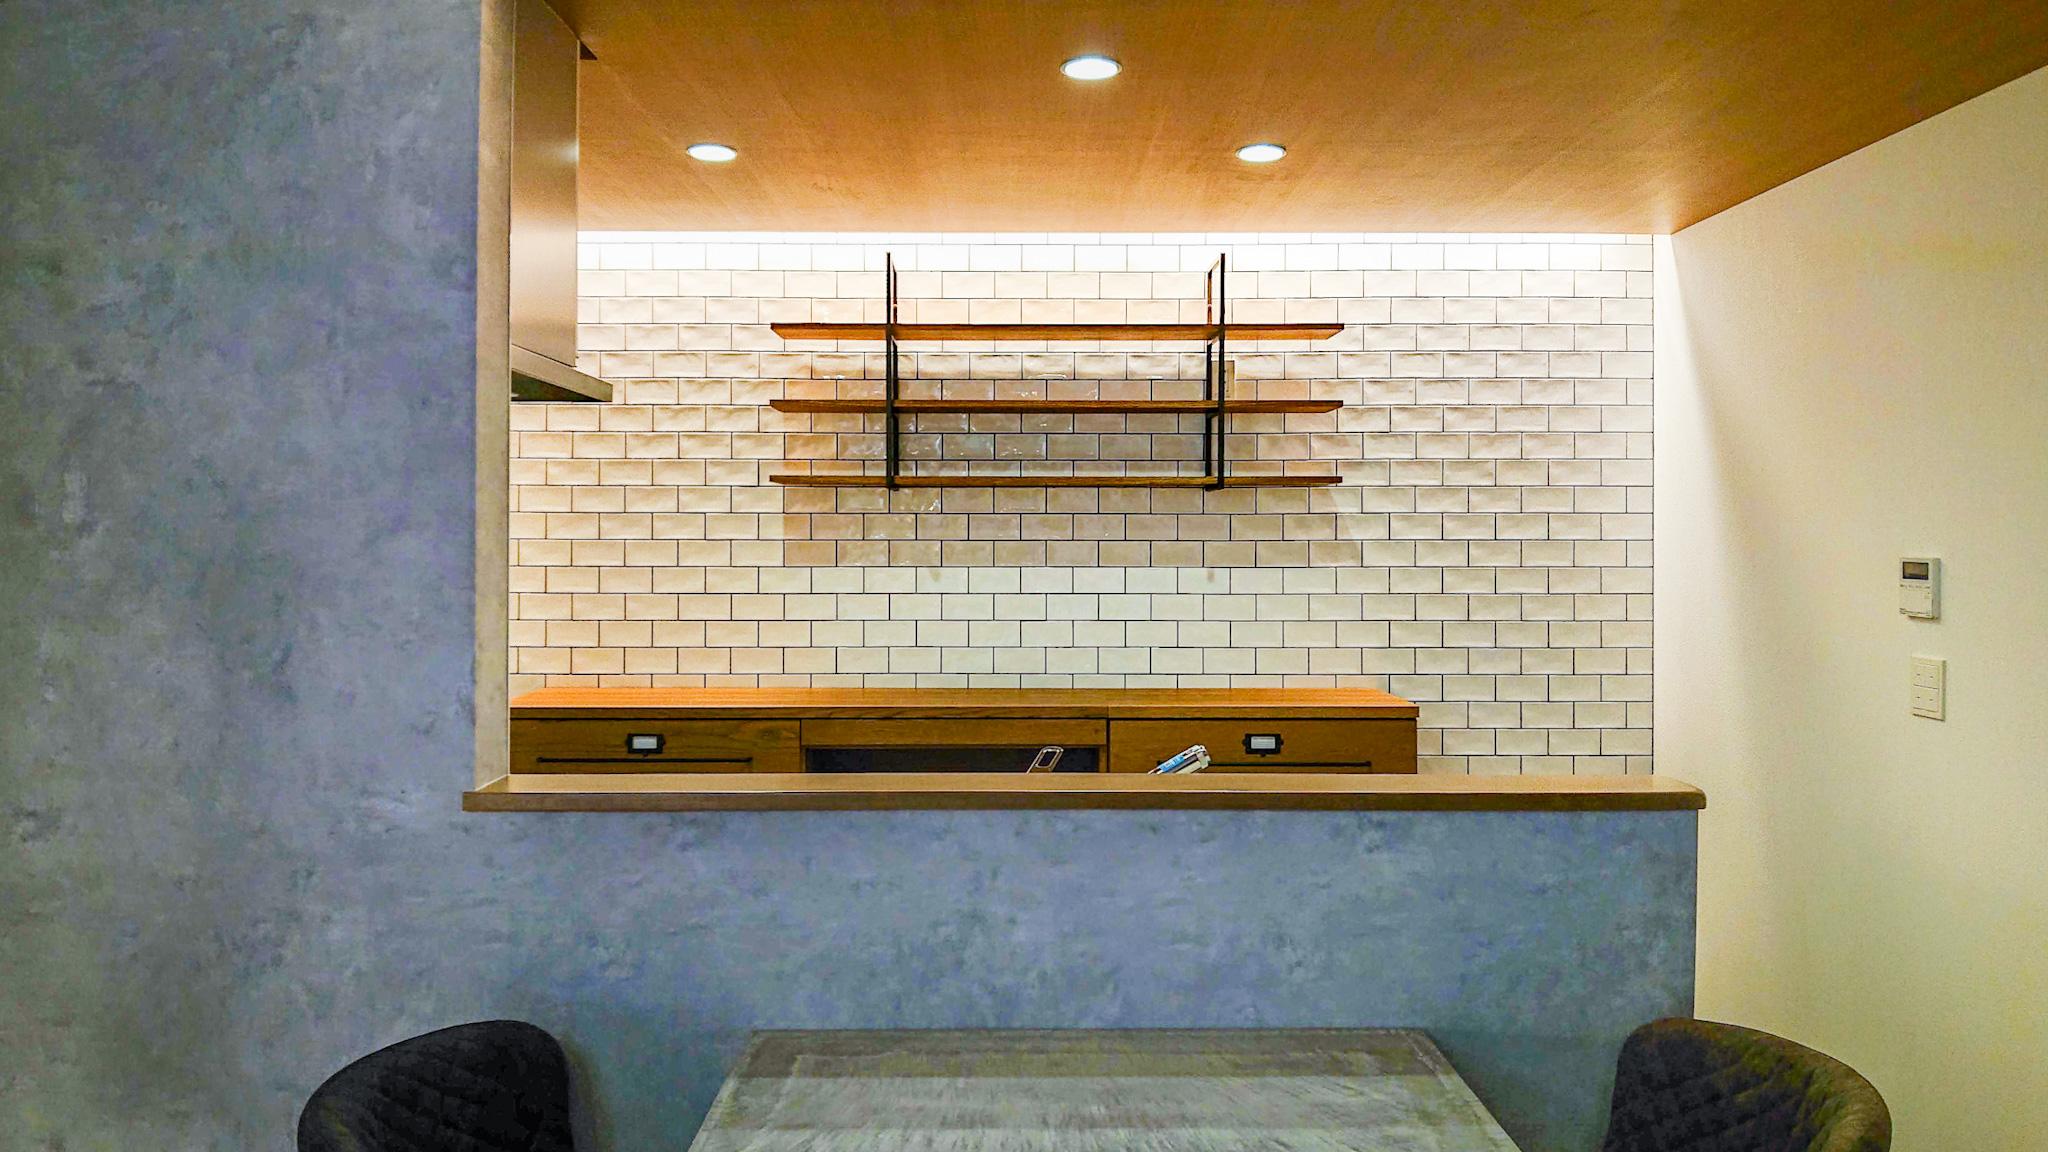 クロス貼りの壁から、おしゃれなタイル張りの壁へキッチンリフォーム